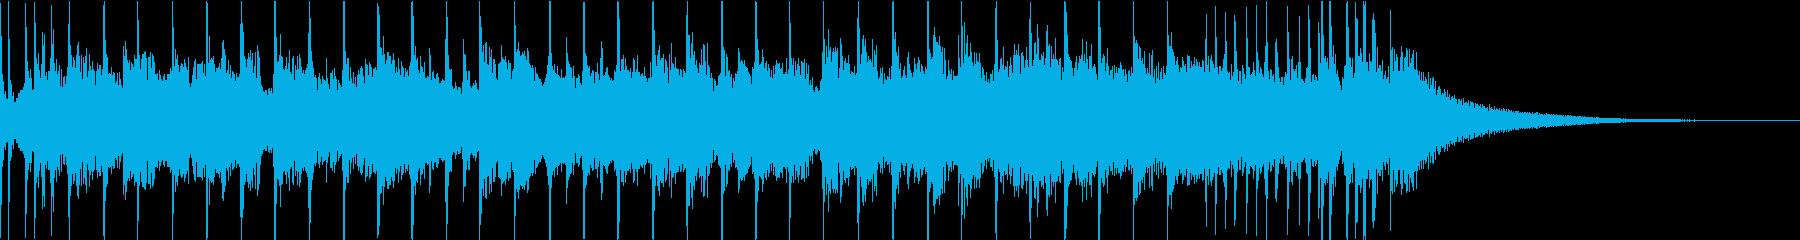 生演奏ギターのロックジングルの再生済みの波形